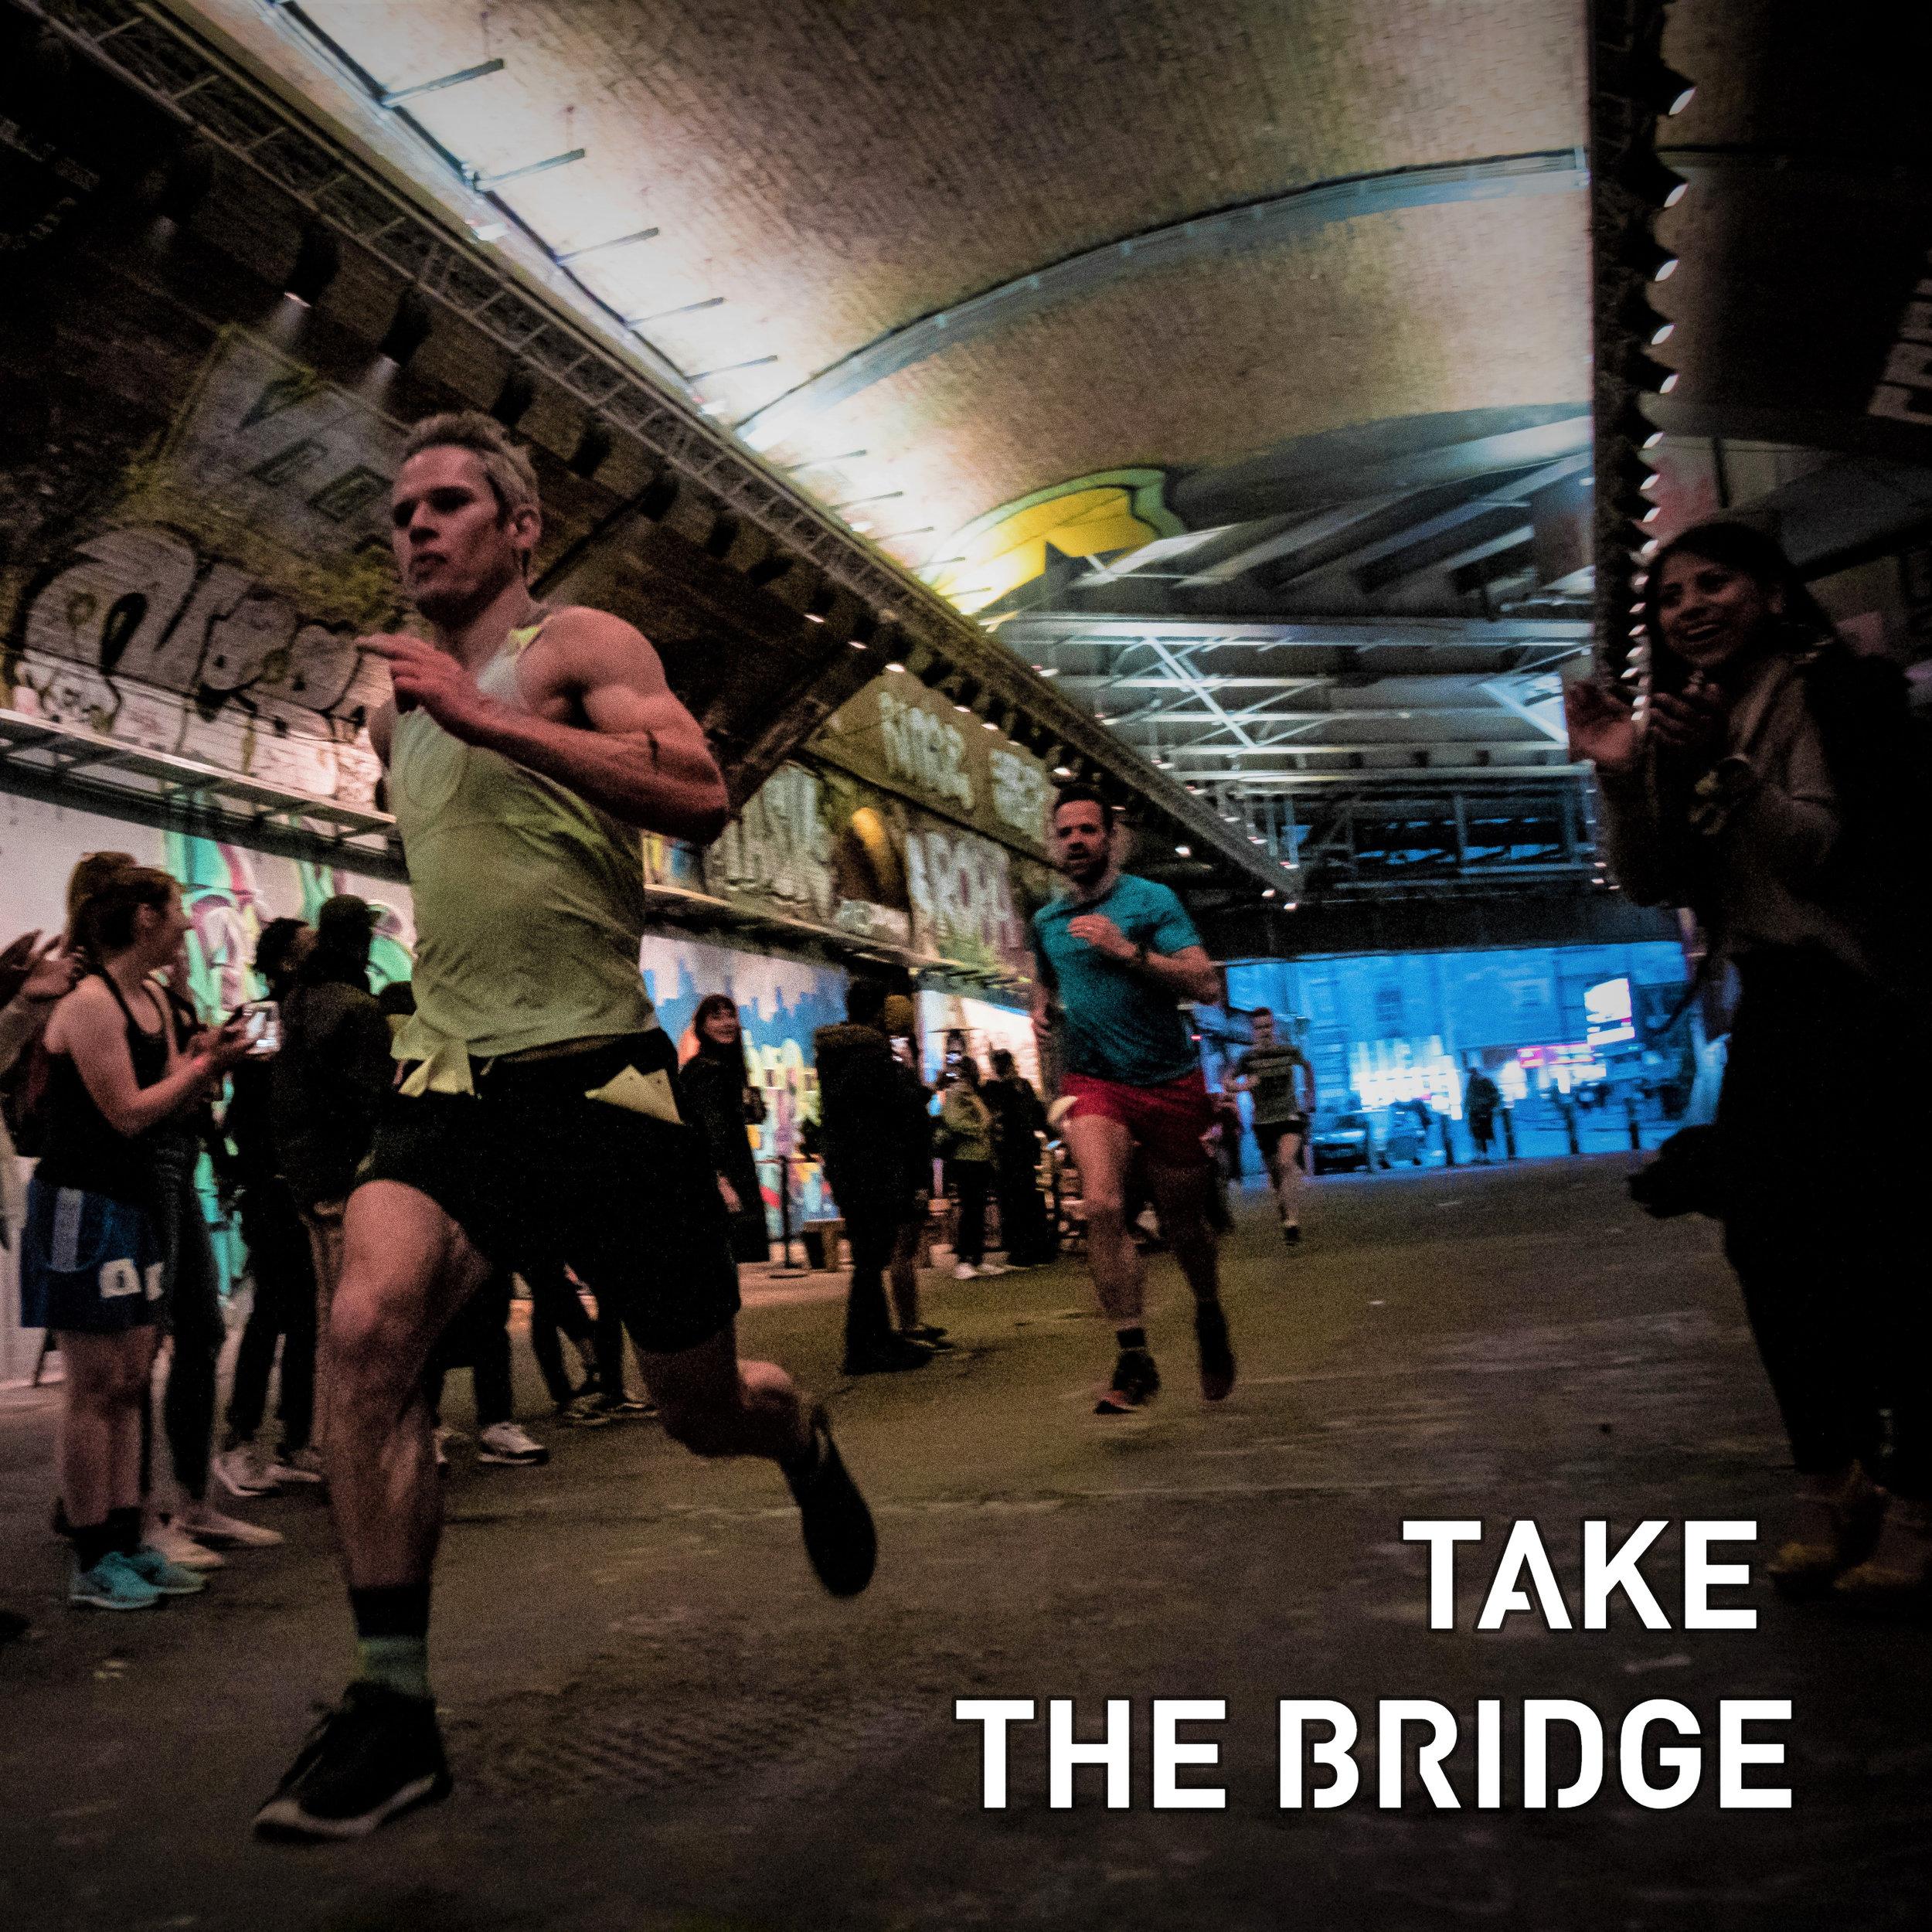 take_the_bridge_BP.jpg